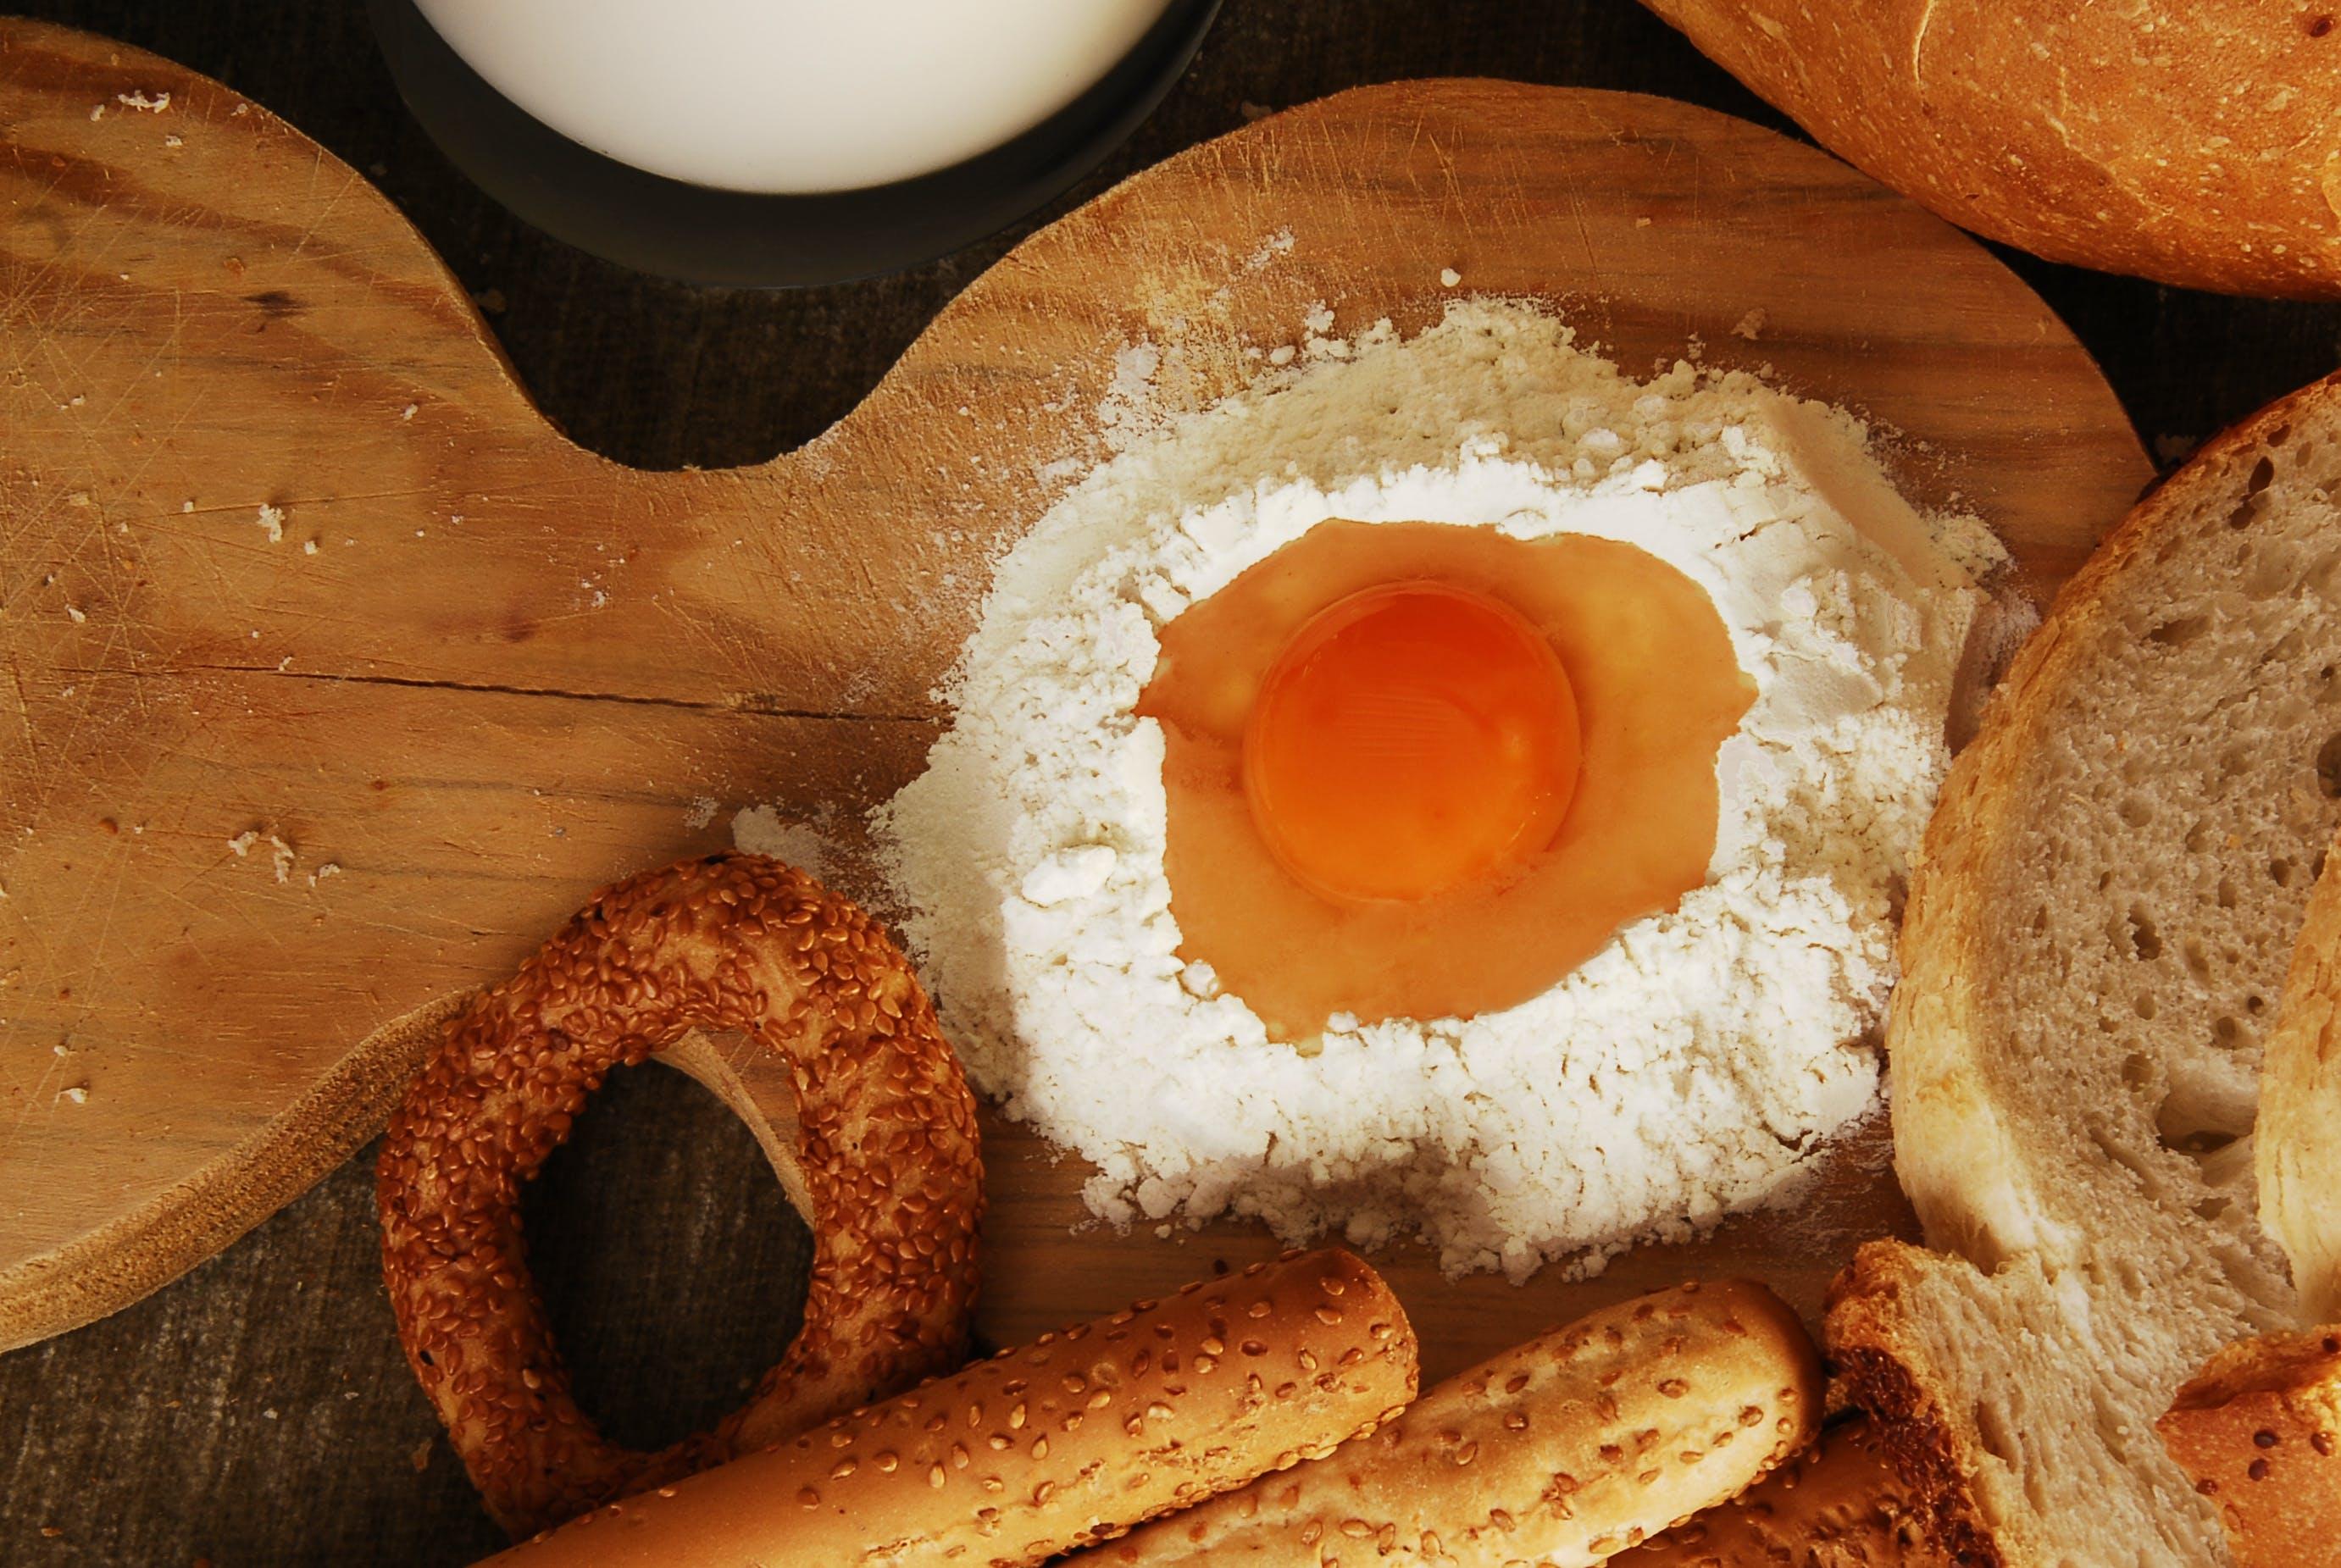 Egg on White Flour